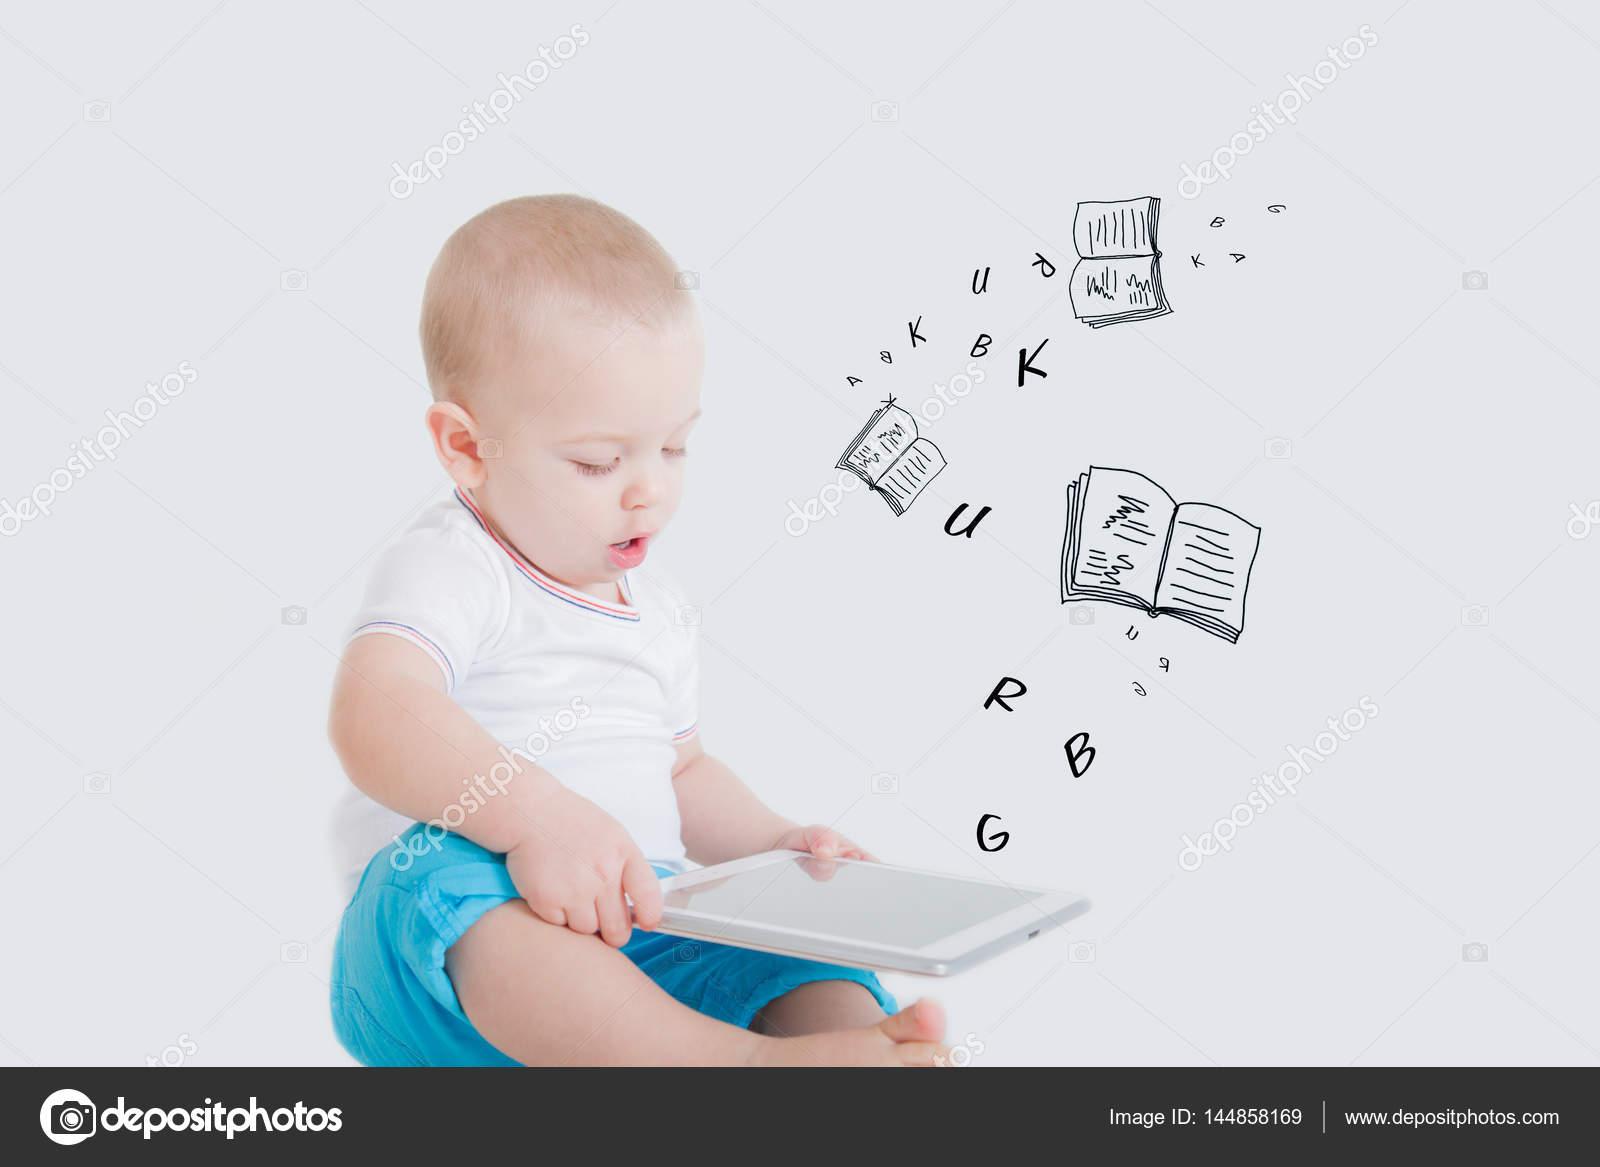 Bebeklerin keşfetmesine fırsat verin